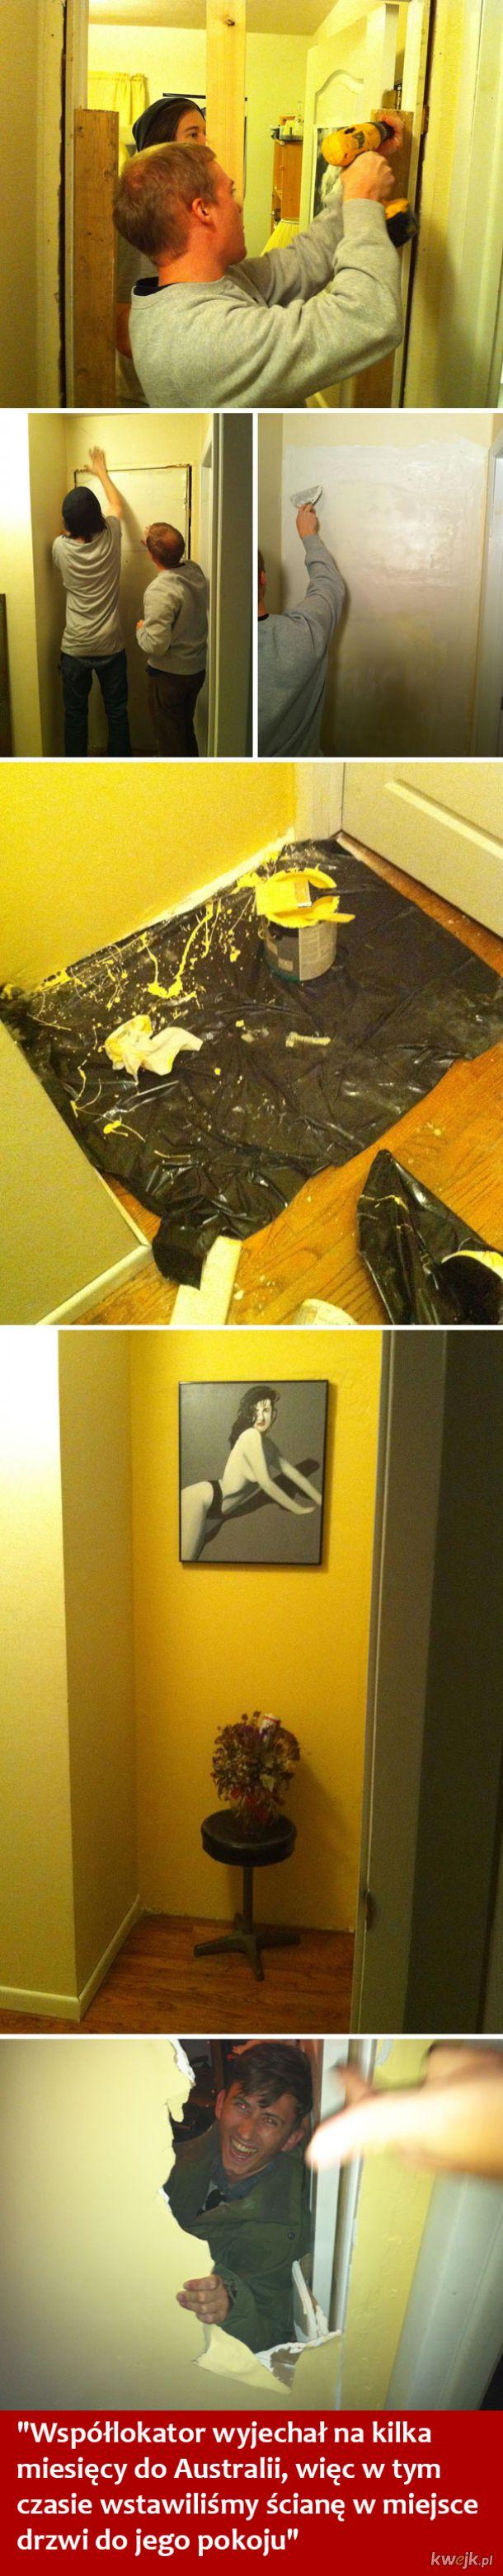 Jak to jest mieszkać ze współlokatorem - te zdjęcia mówią wszystko, obrazek 9